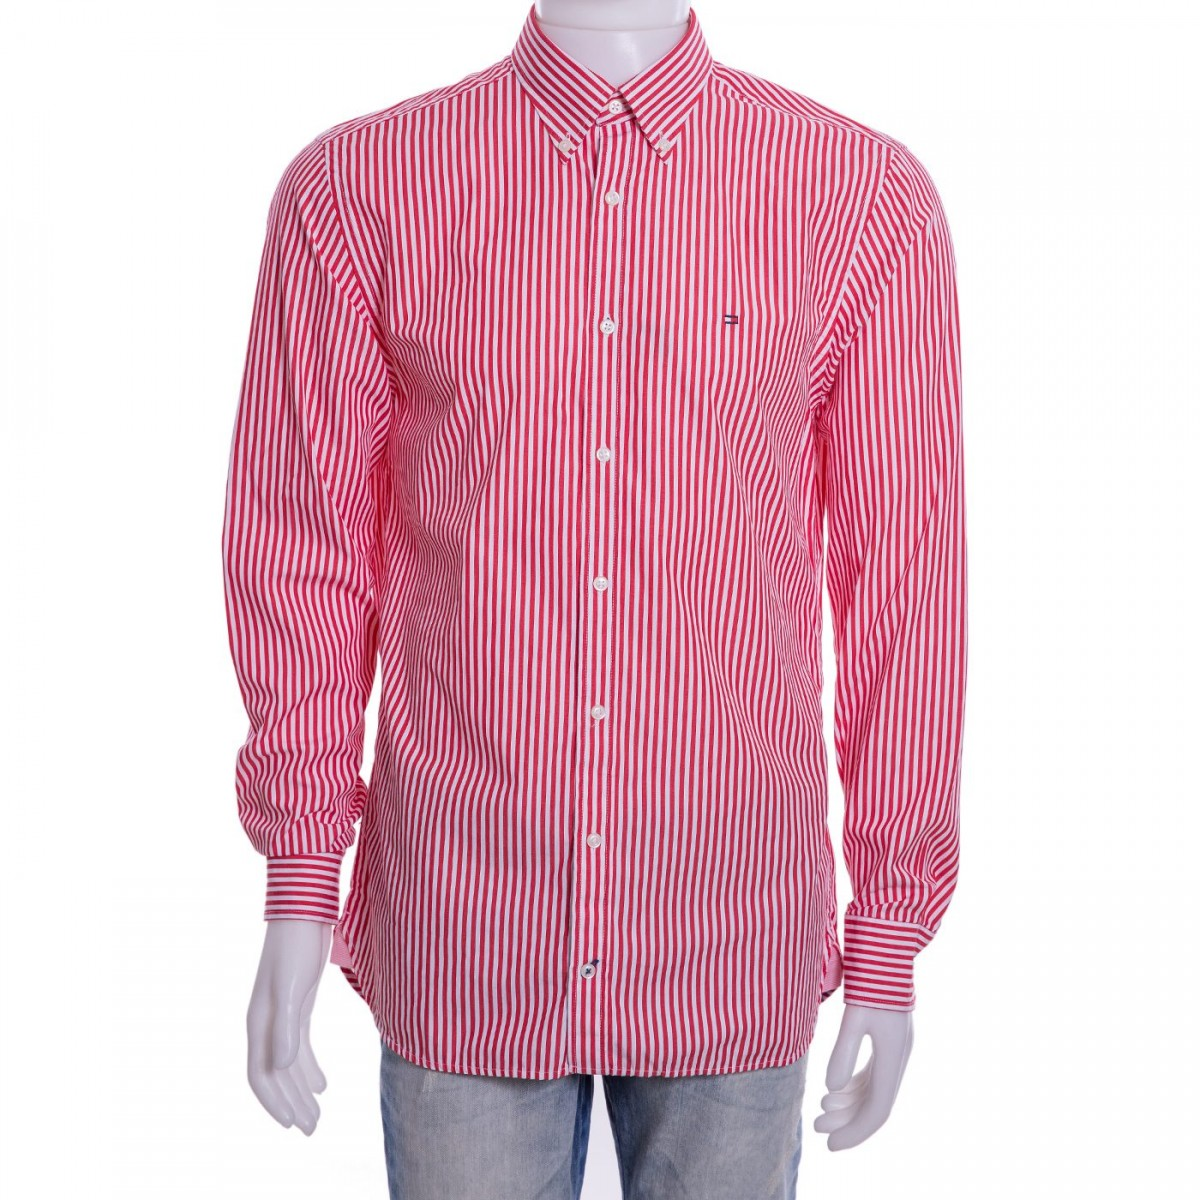 91407b063b1 Bizz Store - Camisa Social Masculina Tommy Hilfiger Manga Longa